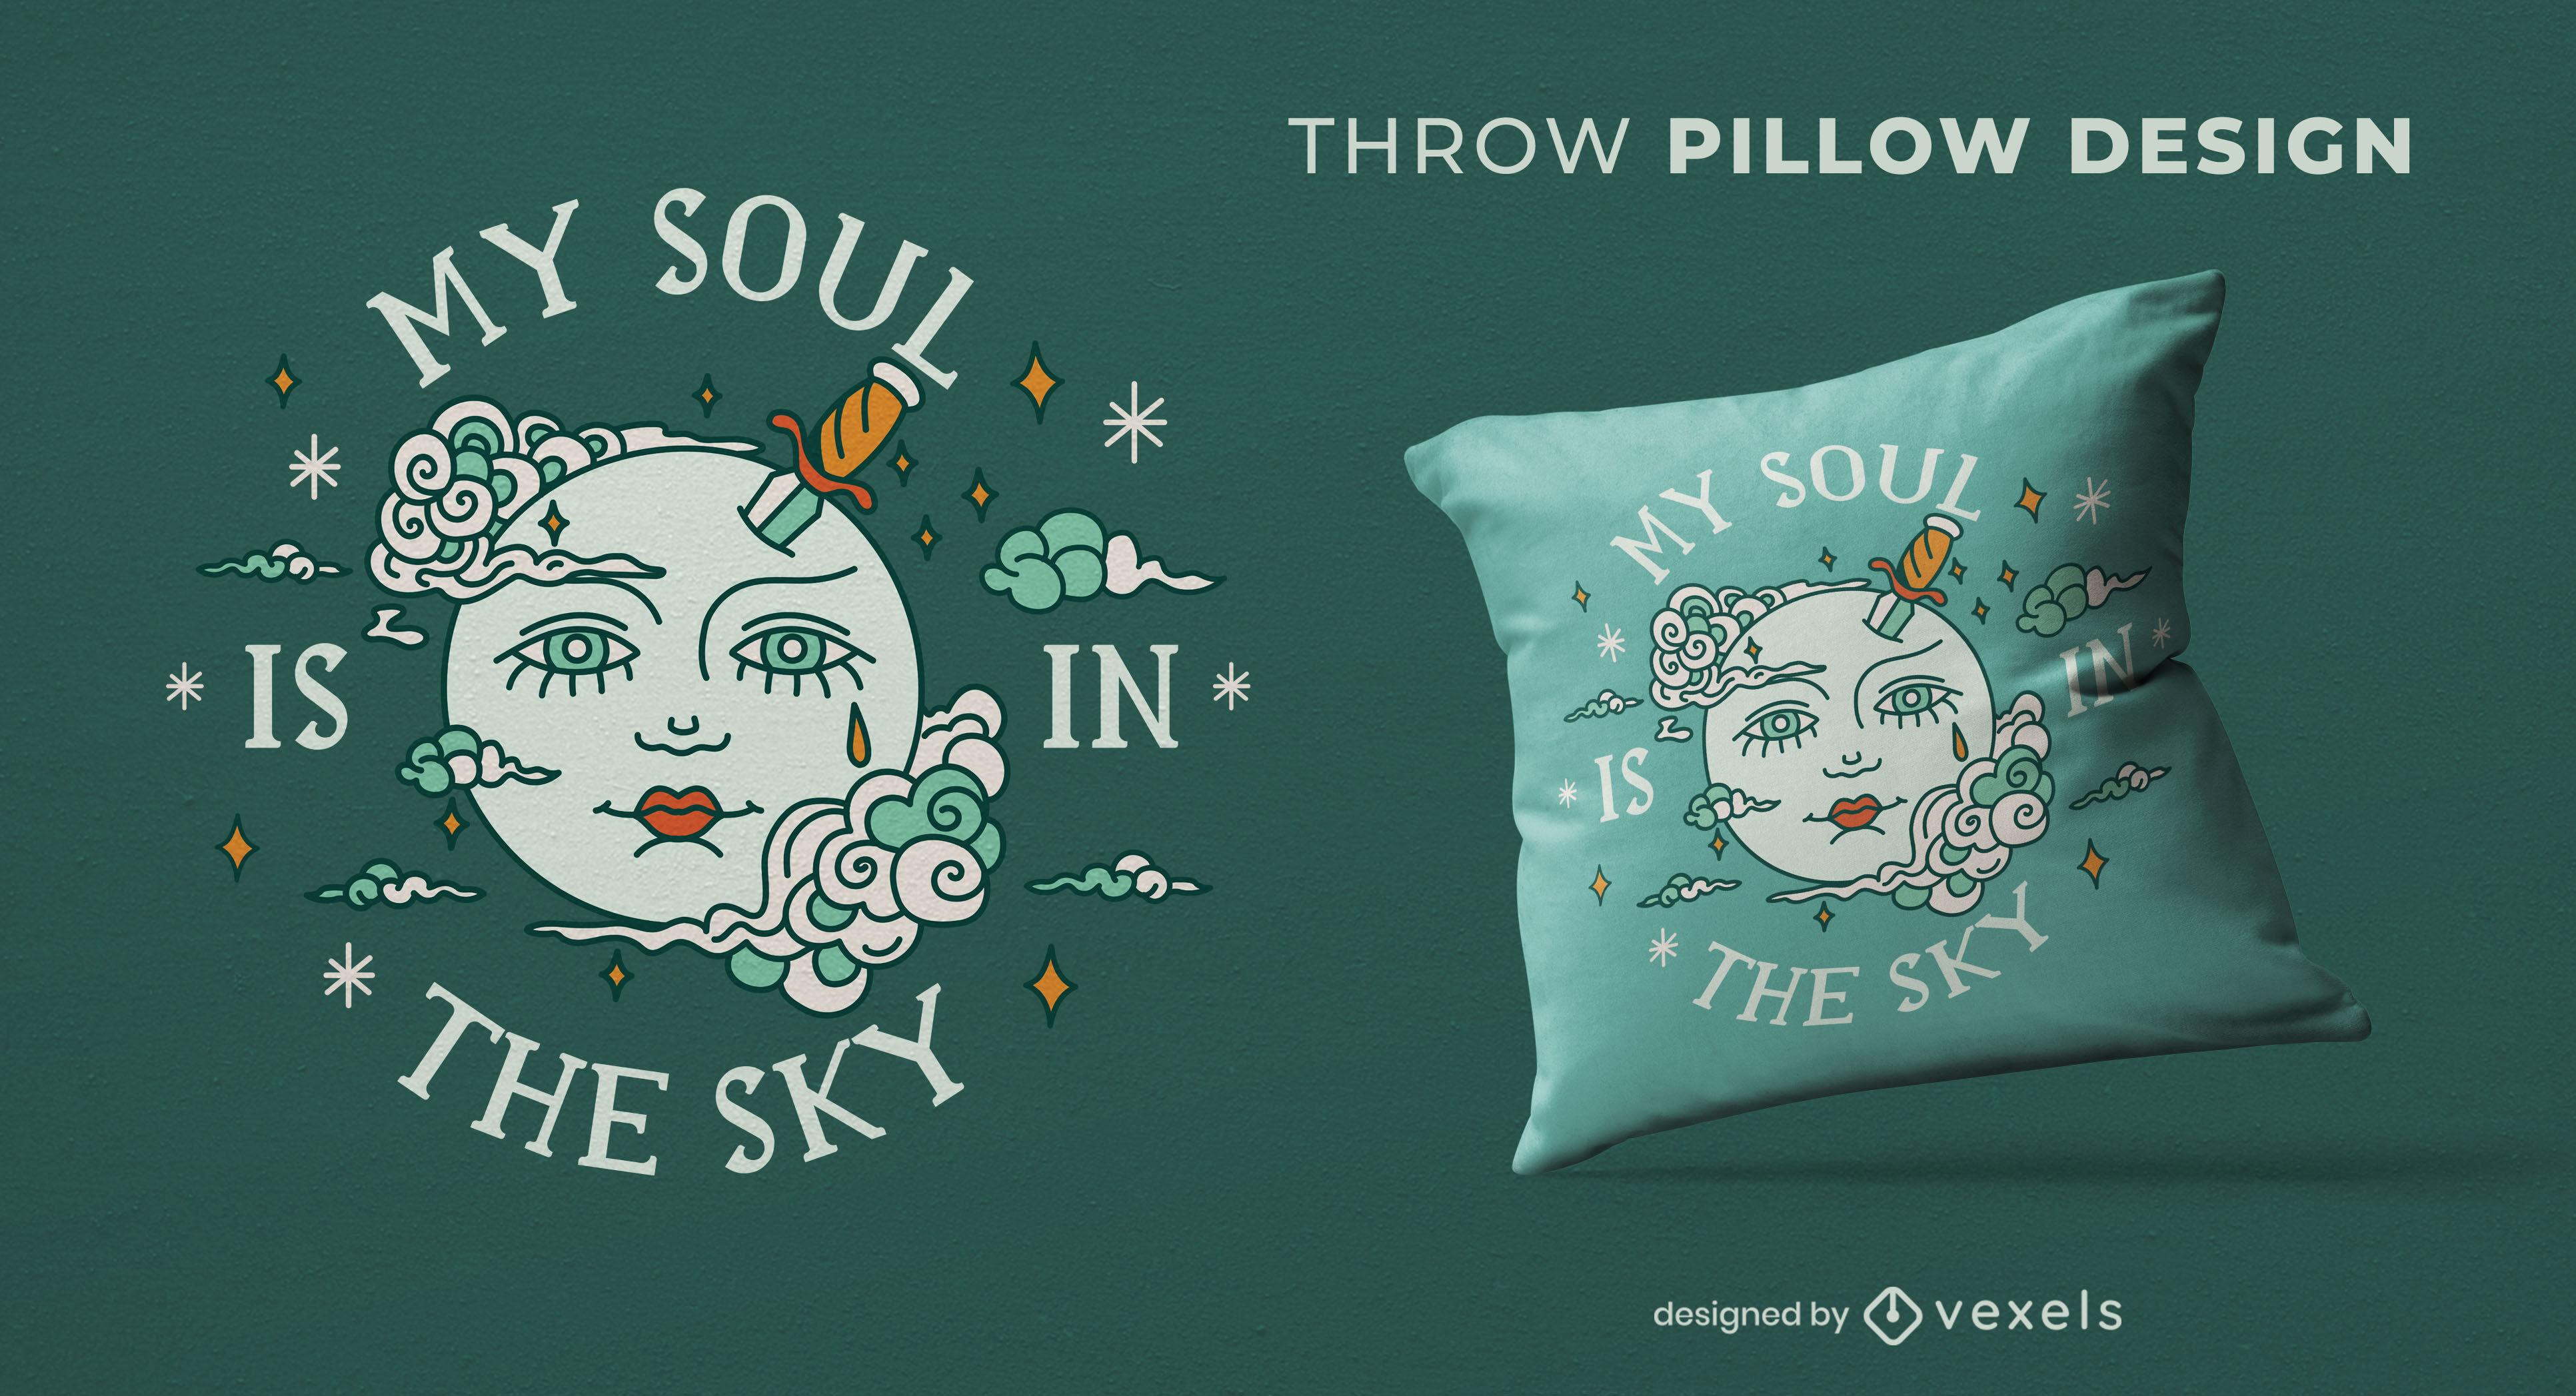 Dise?o de almohada cara en la luna